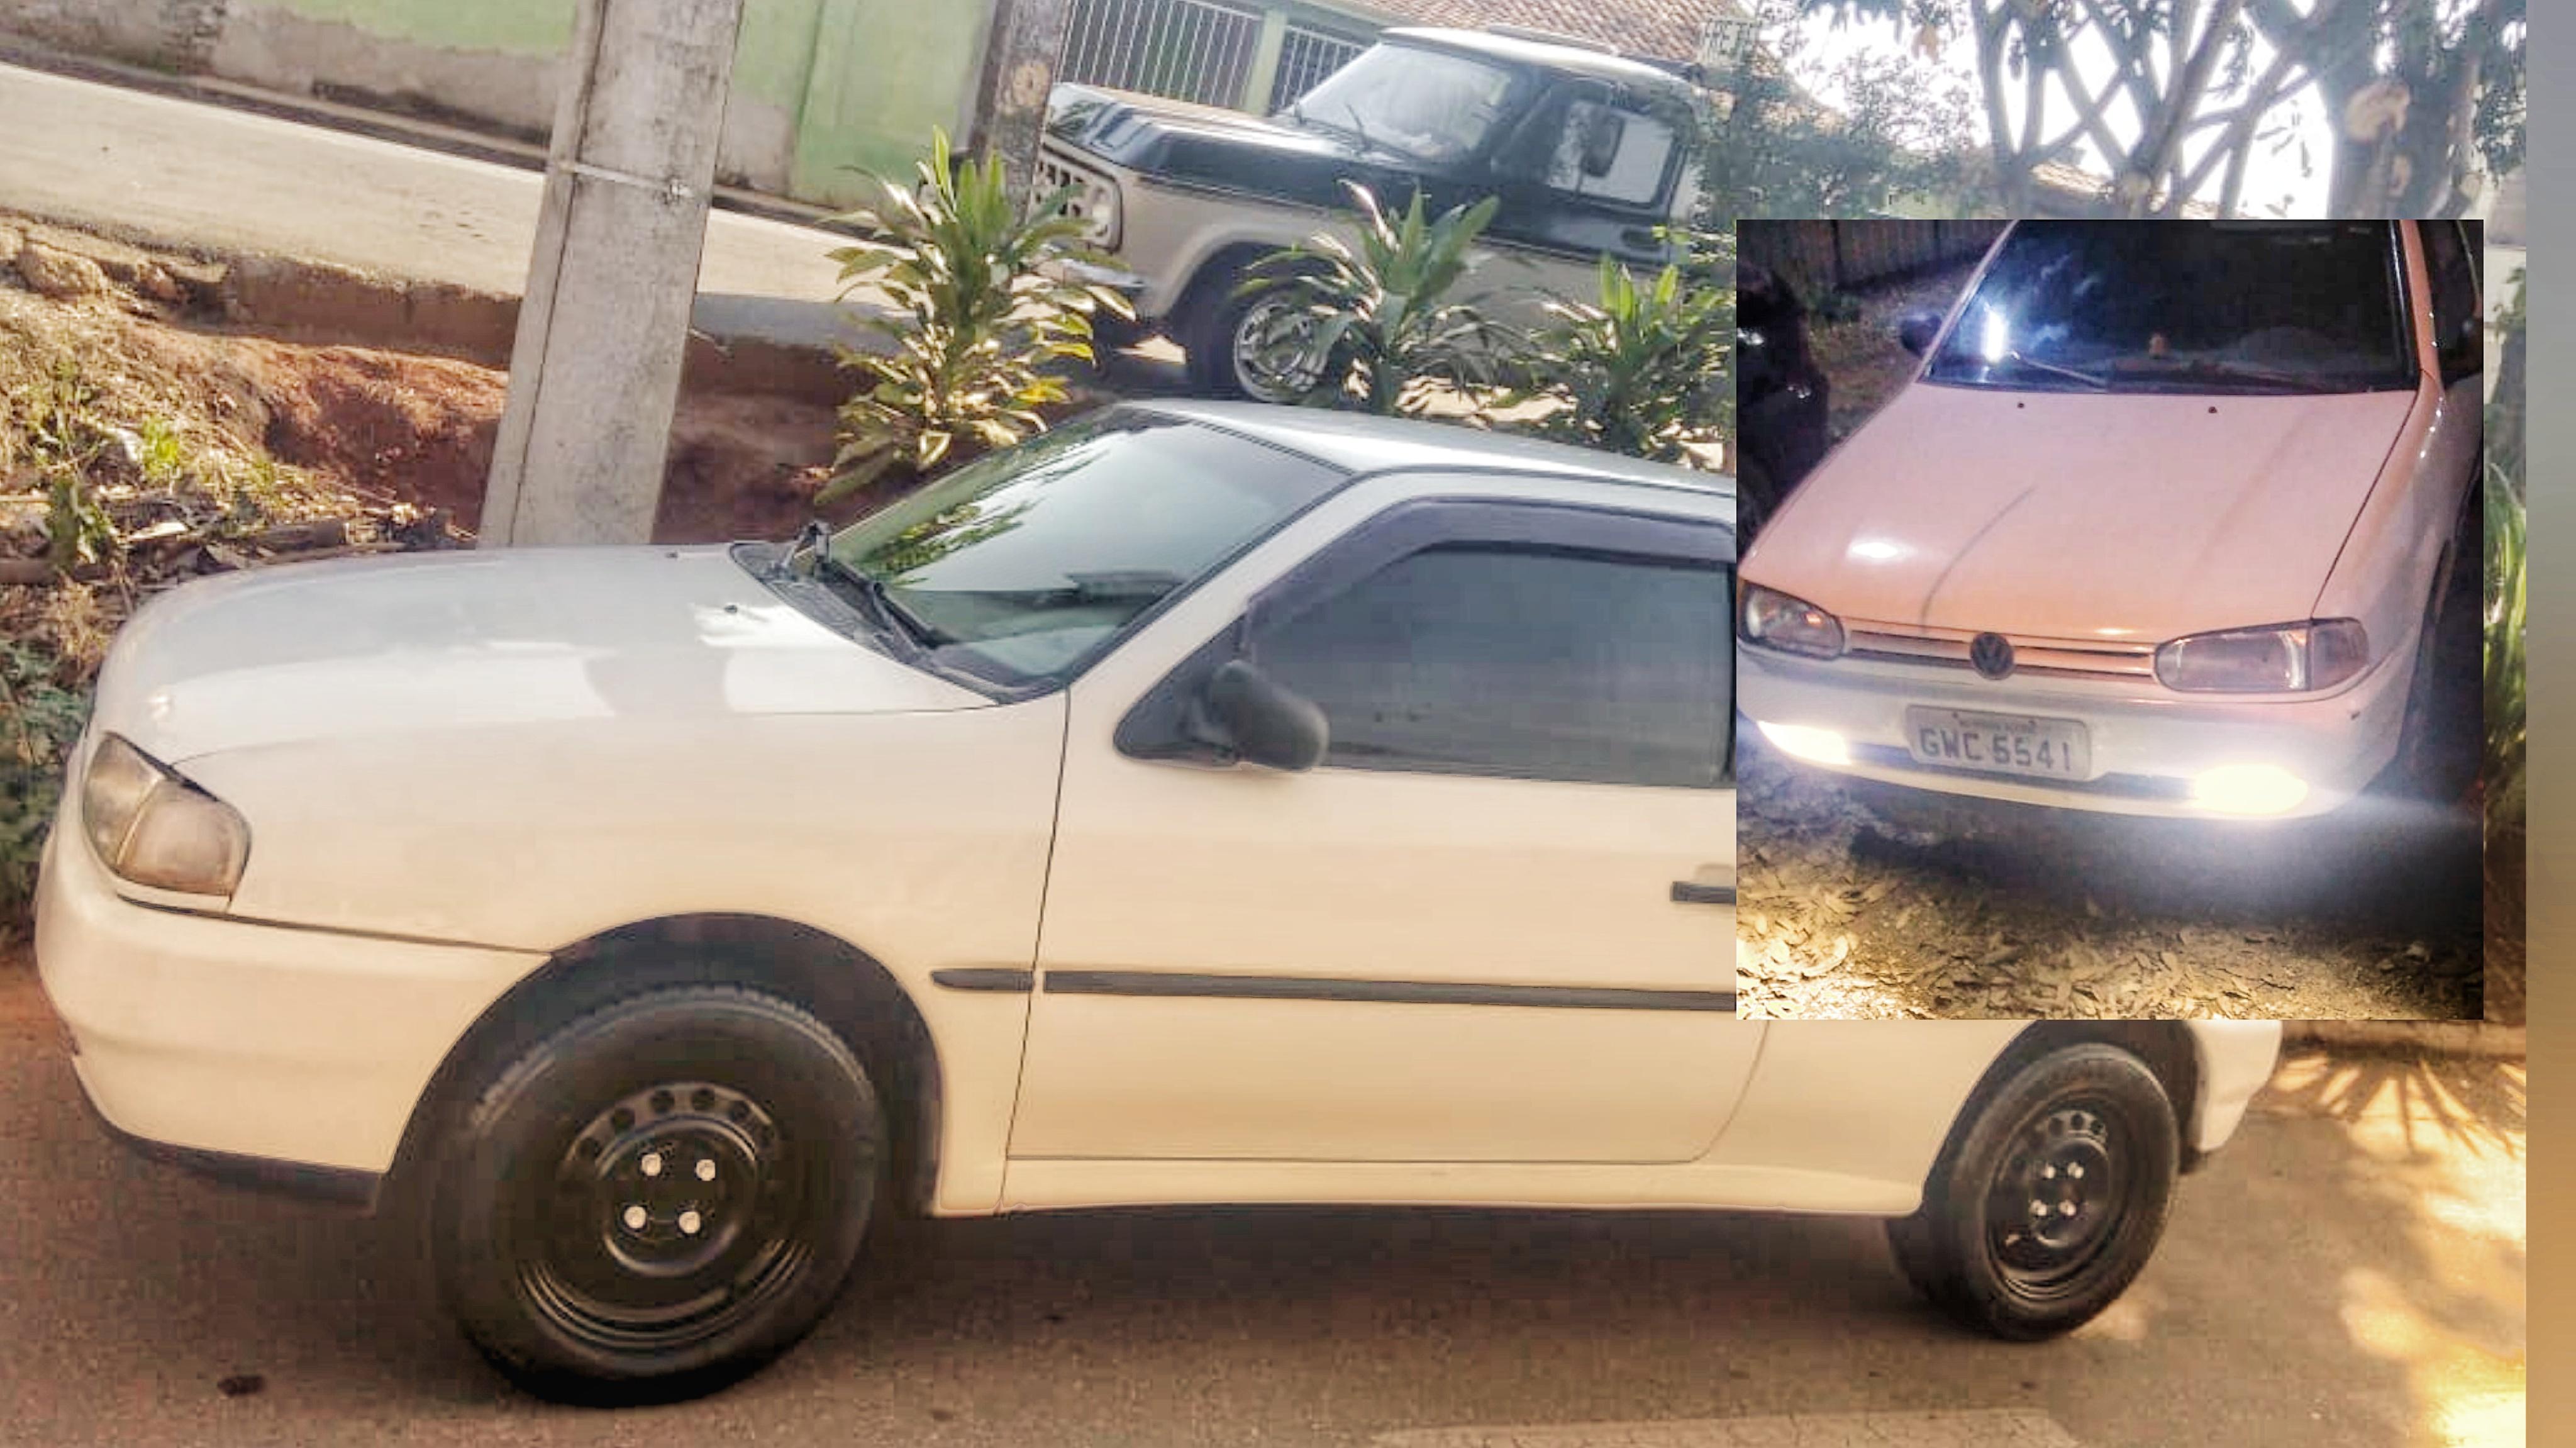 Em Pouso Alegre: Morador teve carro furtado na frente de sua casa